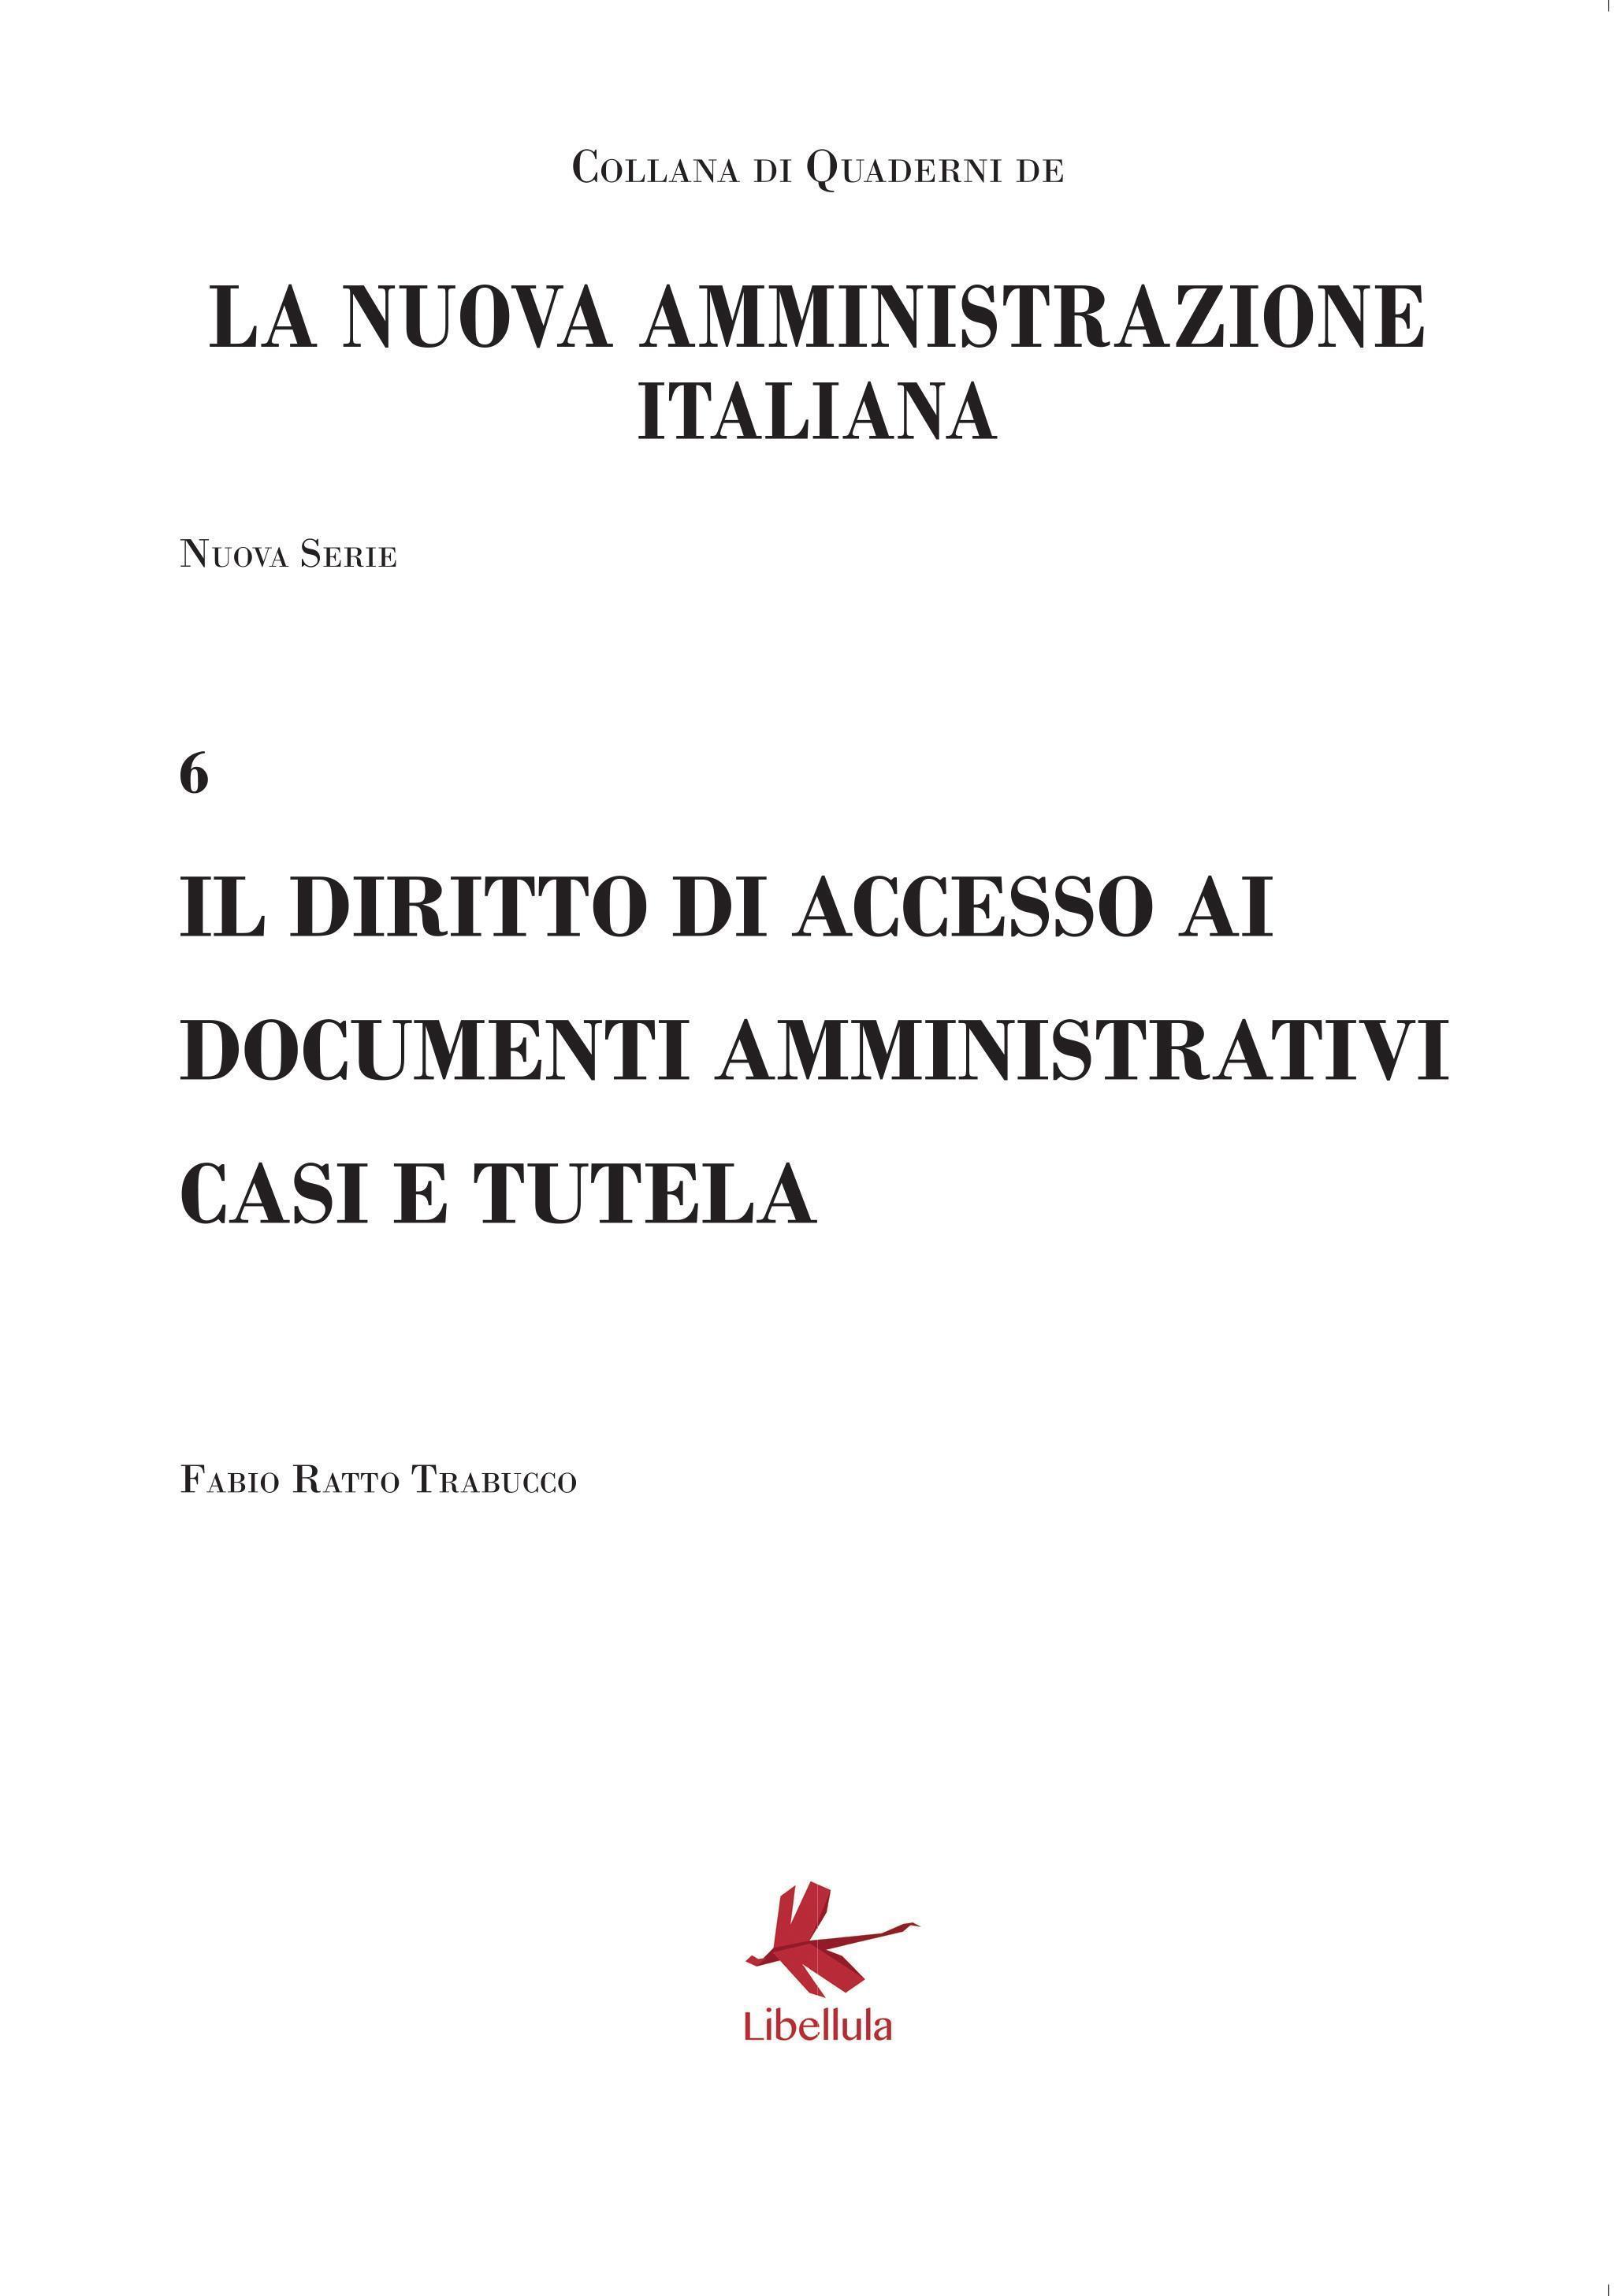 Il diritto di accesso ai documenti amministrativi casi e tutela - Nuova Serie